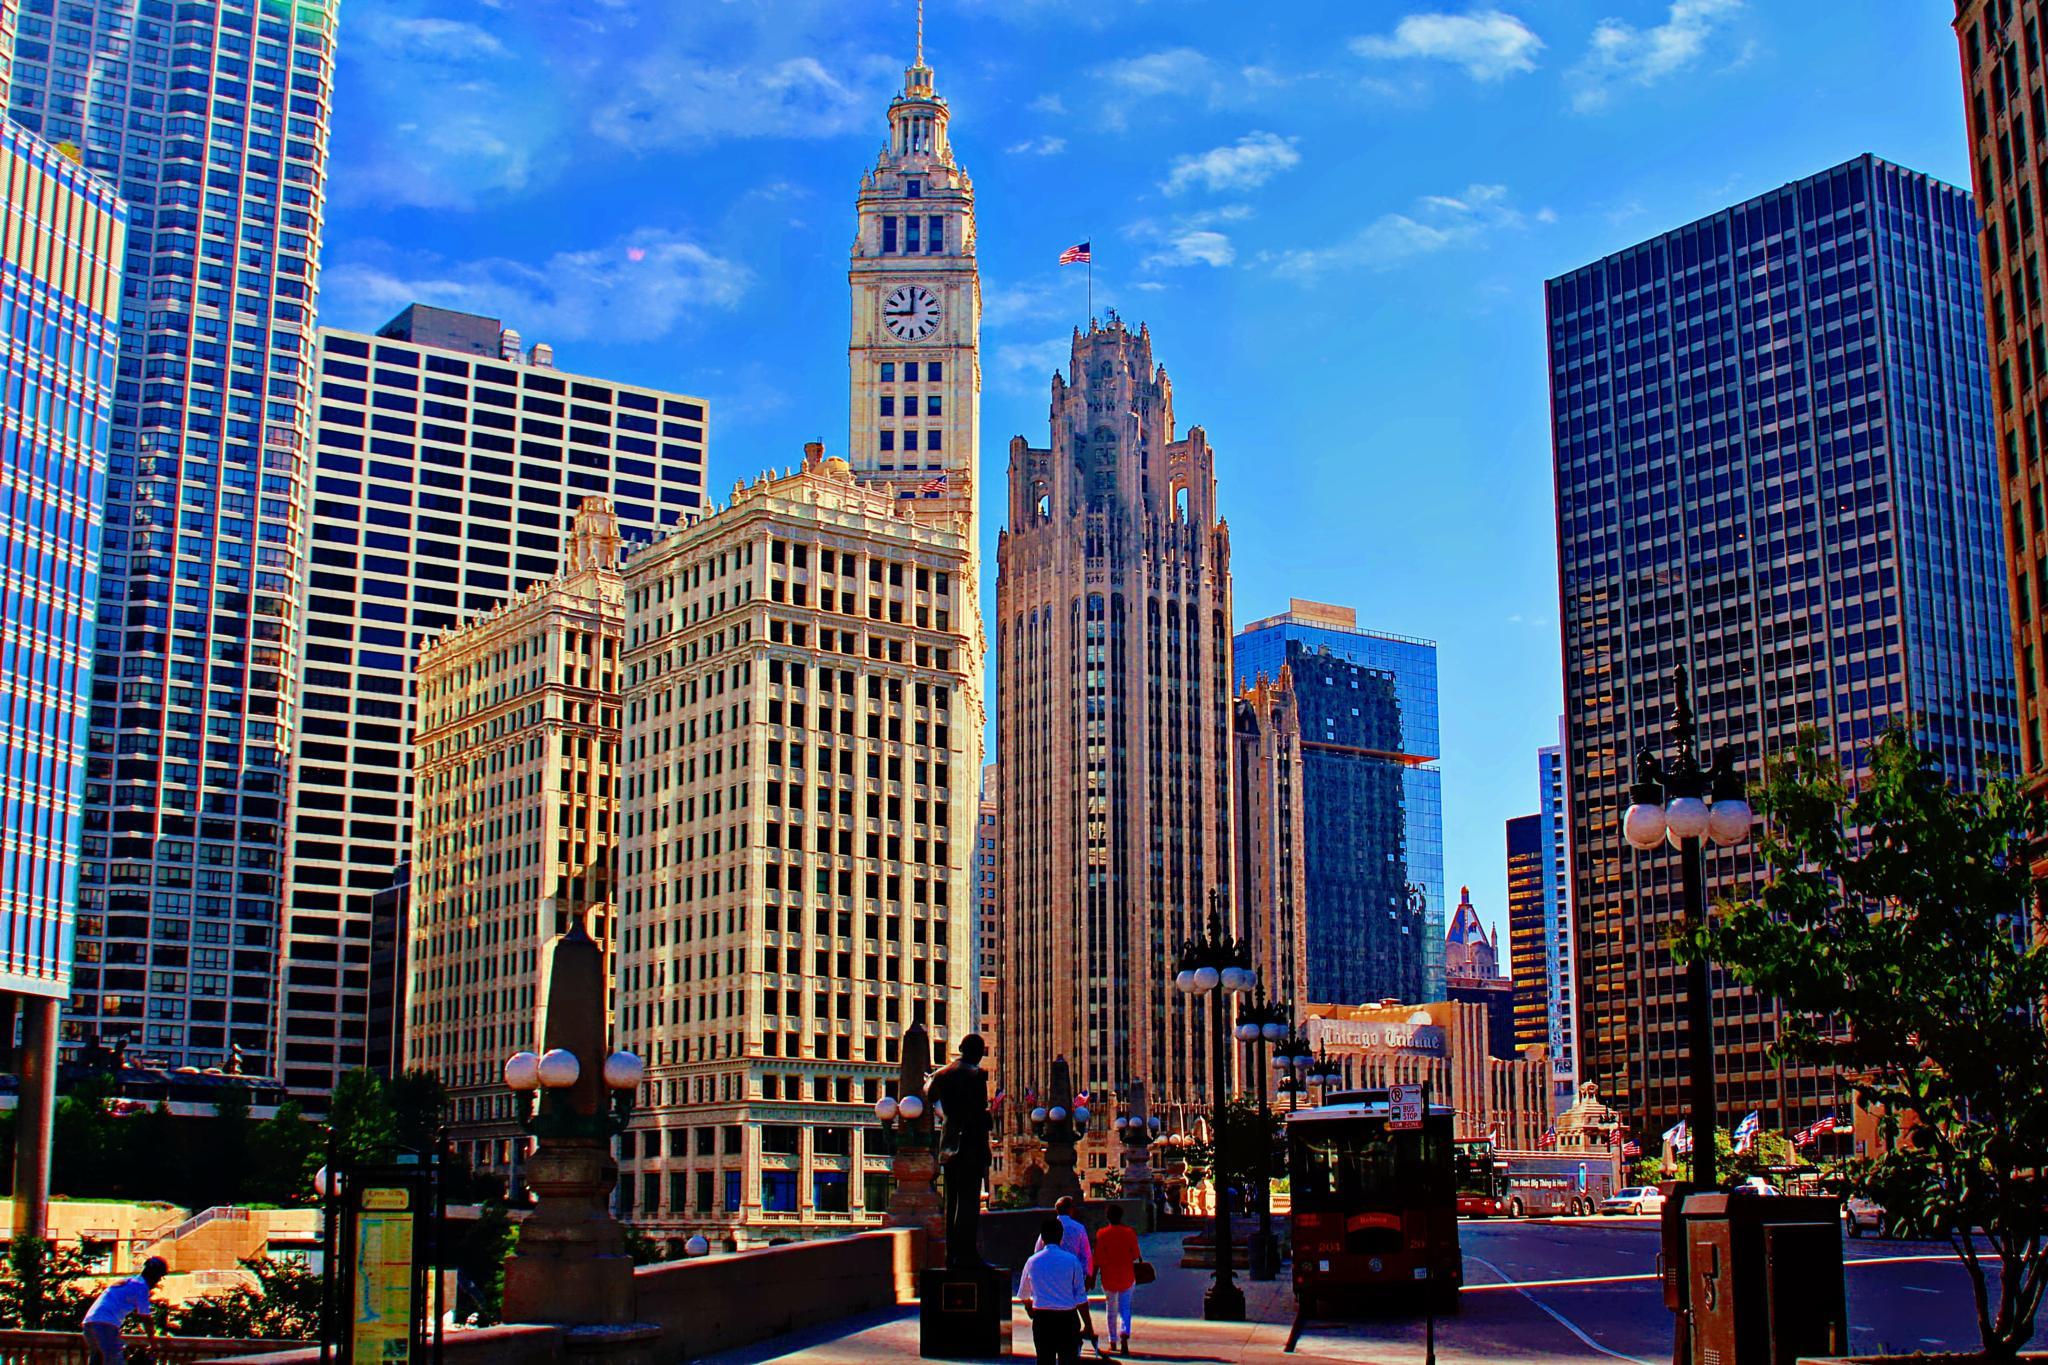 Downtown Chicago by Jon Radtke